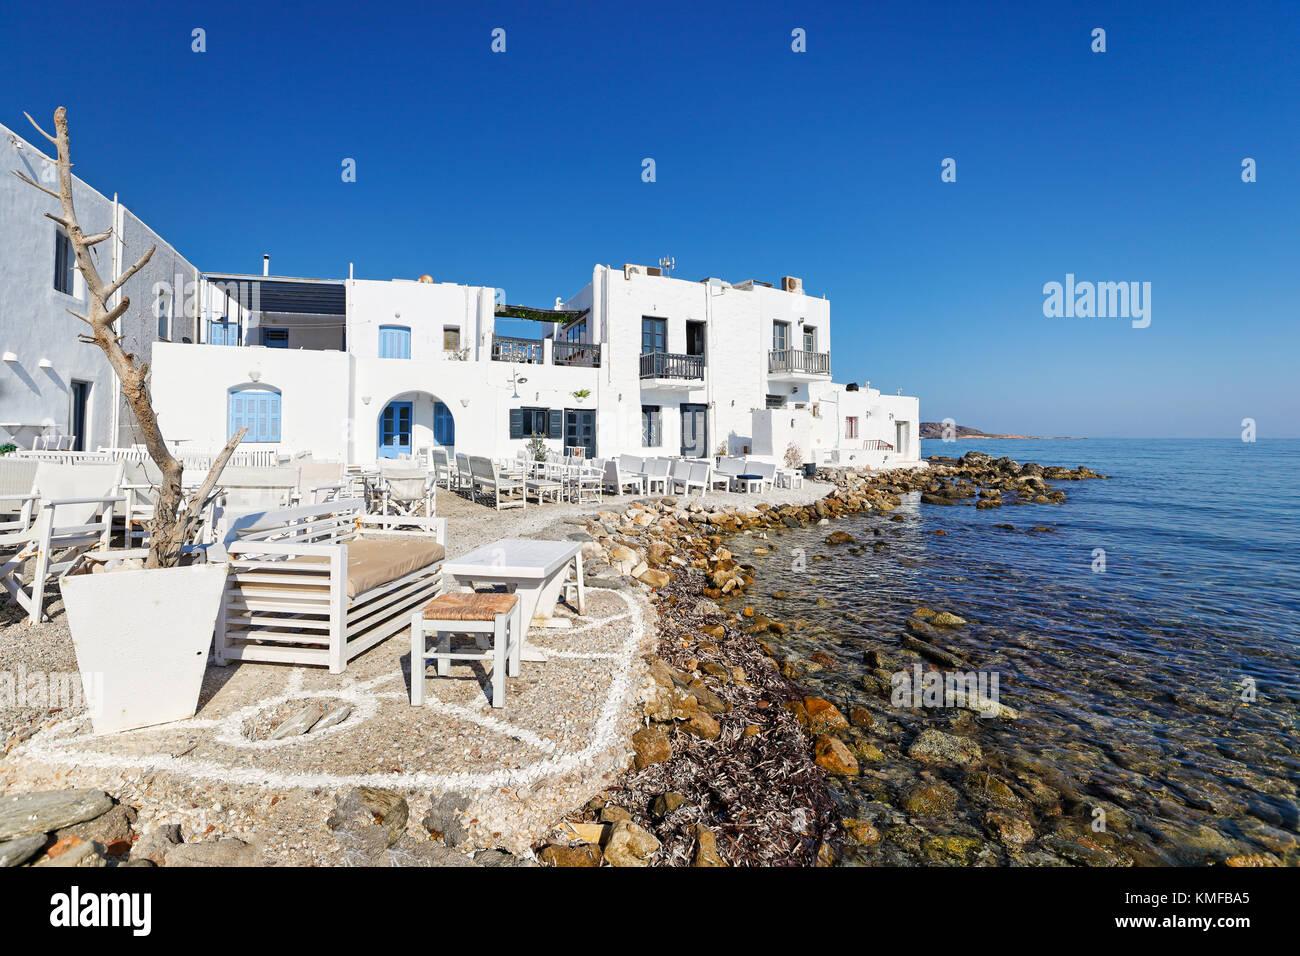 El tradicional pueblo de Naousa, en la isla Paros, Grecia Foto de stock